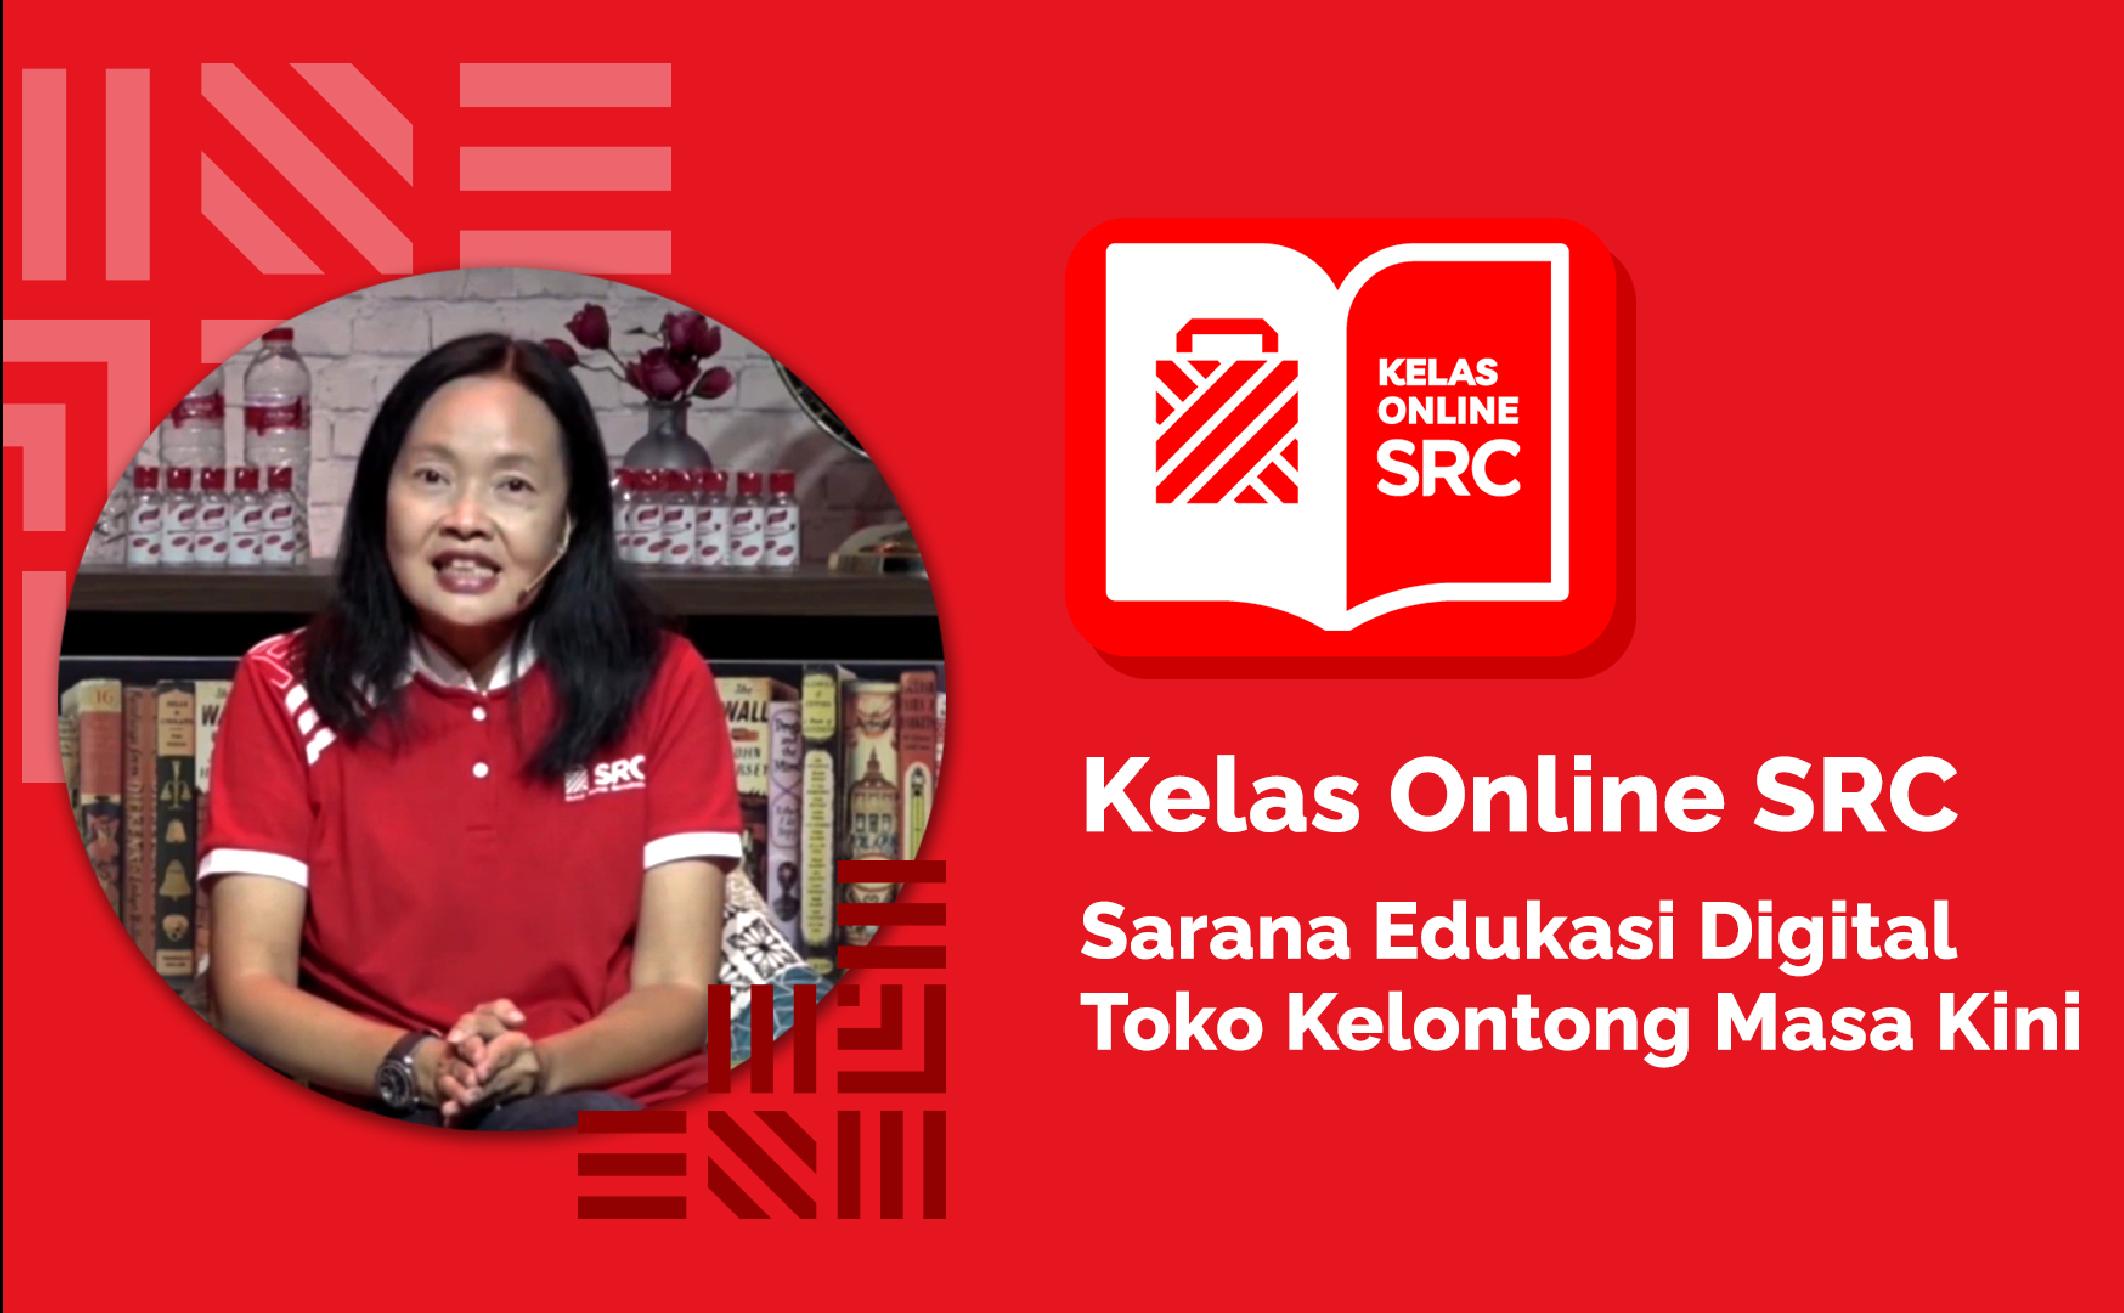 Kelas Online SRC